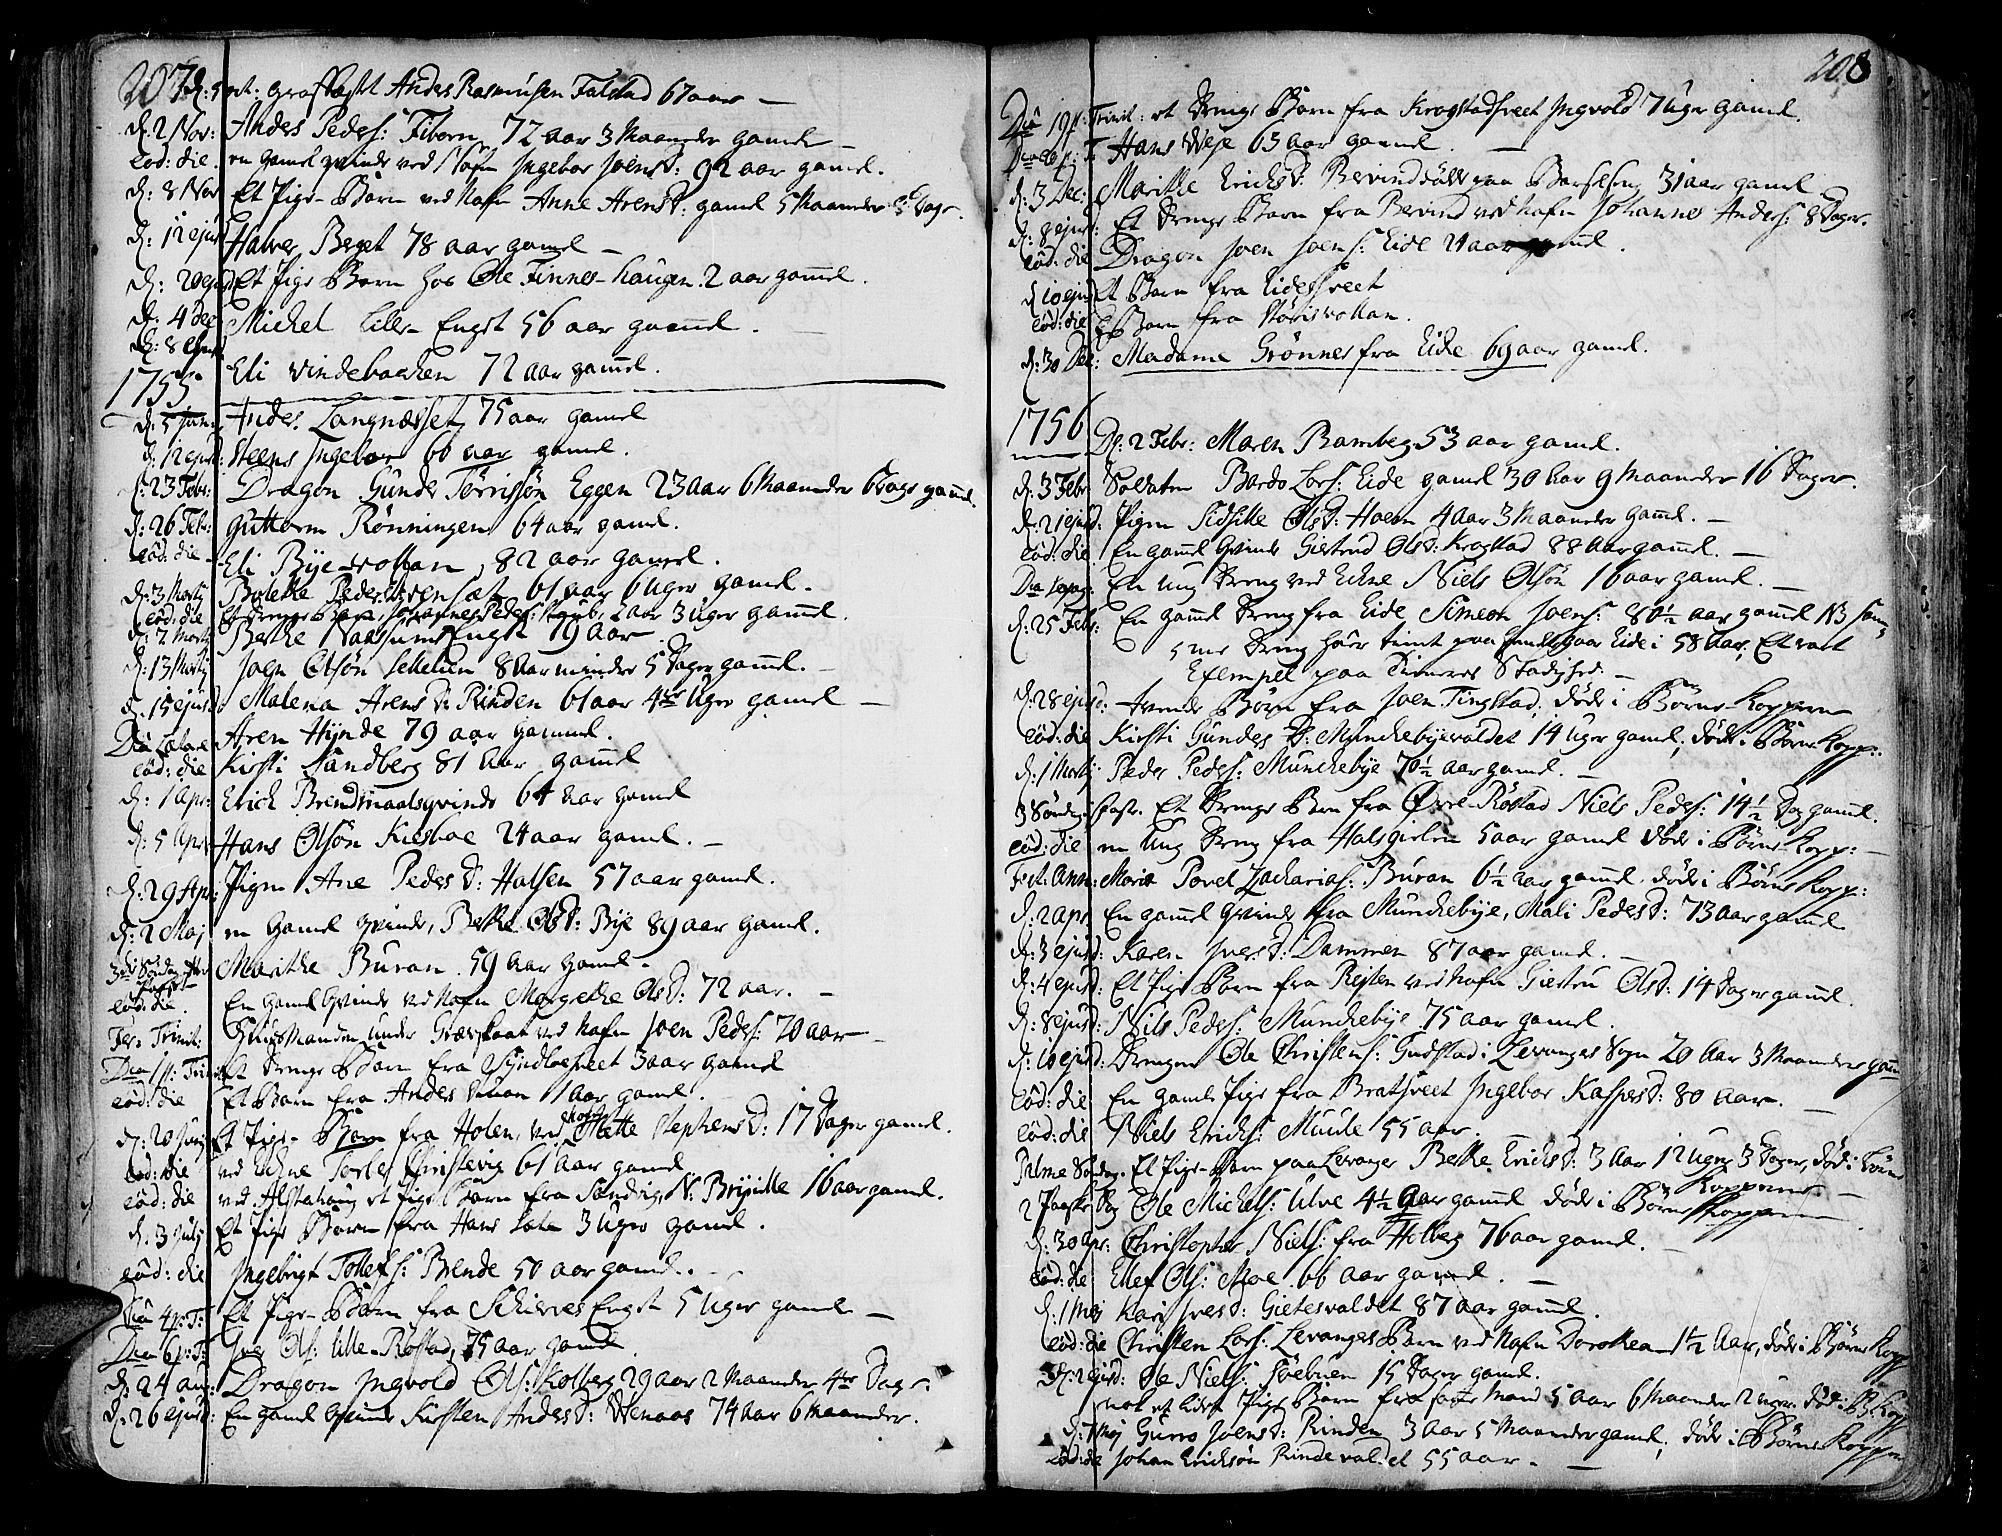 SAT, Ministerialprotokoller, klokkerbøker og fødselsregistre - Nord-Trøndelag, 717/L0141: Ministerialbok nr. 717A01, 1747-1803, s. 207-208